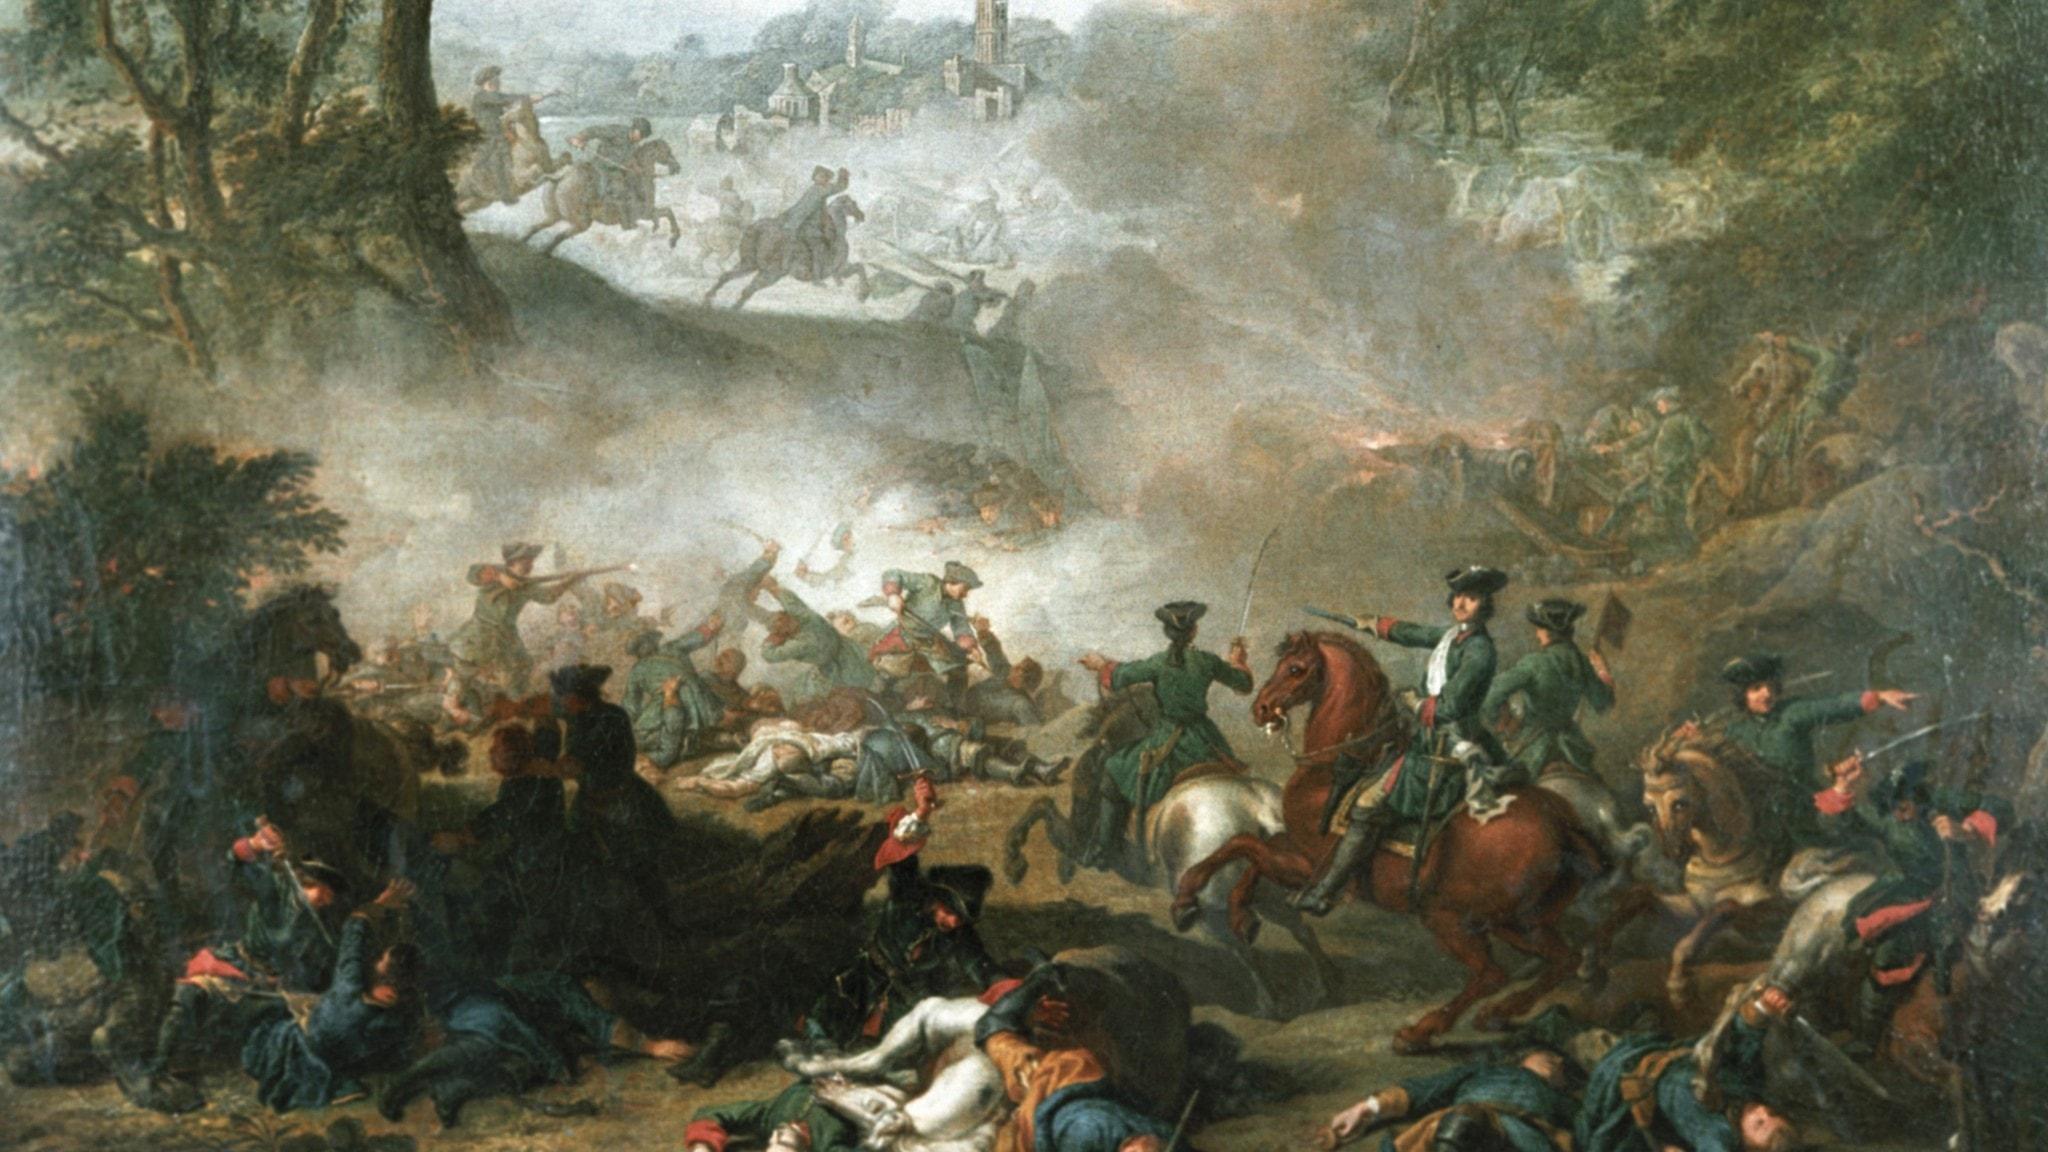 Kanske liknade Slaget vid Selånger det mer kända slaget vid Lesna, fast i mindre skala.